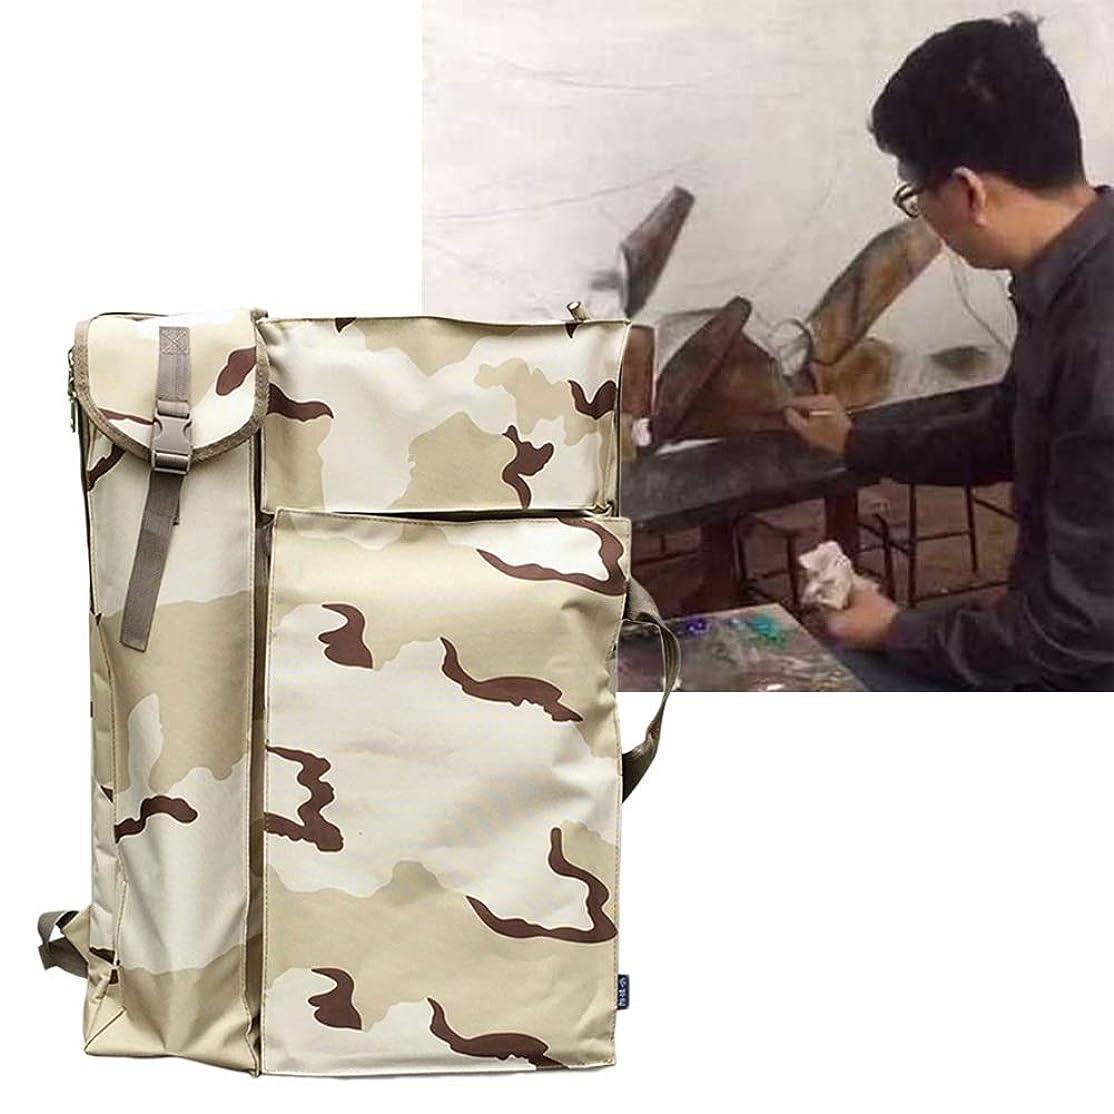 二度かび臭い銀ジッパーショルダーストラップ付きアートポートフォリオバッグケースバックパック製図板のショルダーバッグ SHANCL